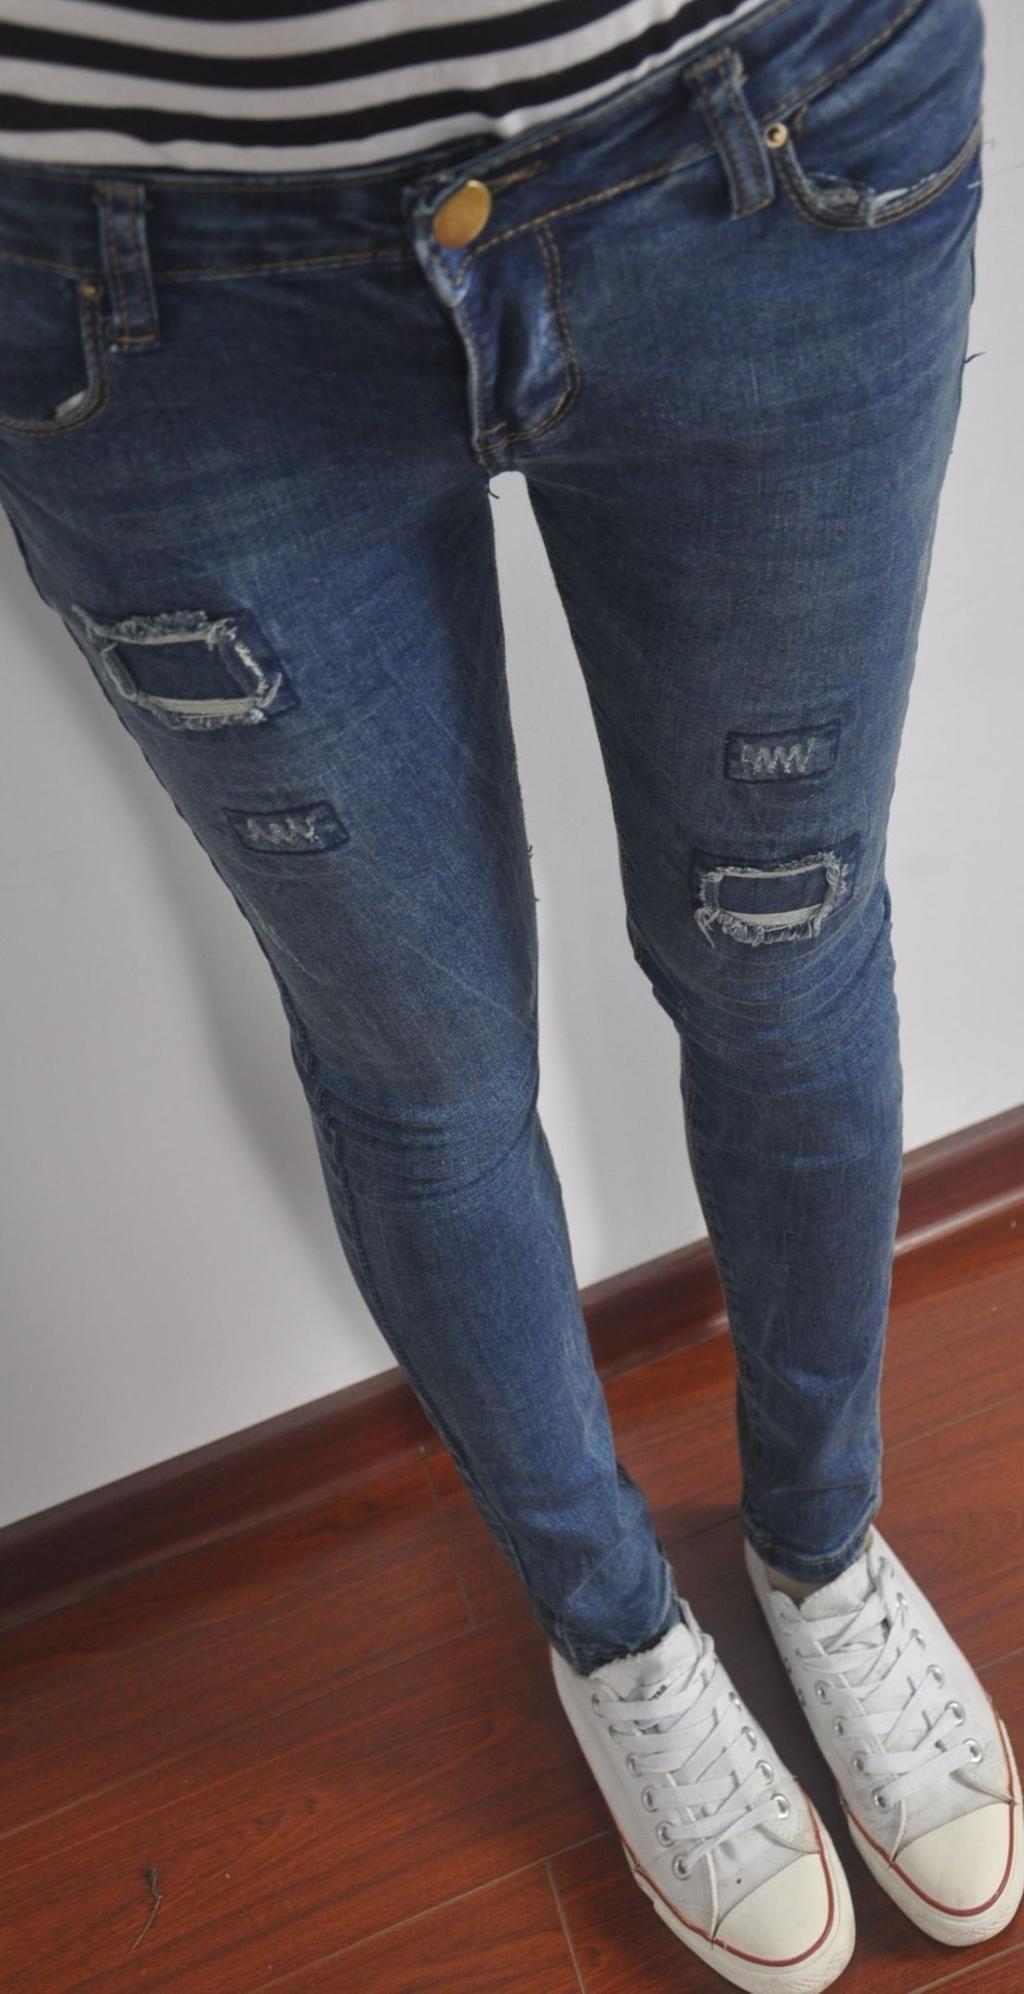 2014夏季爆款女士牛仔长裤批发